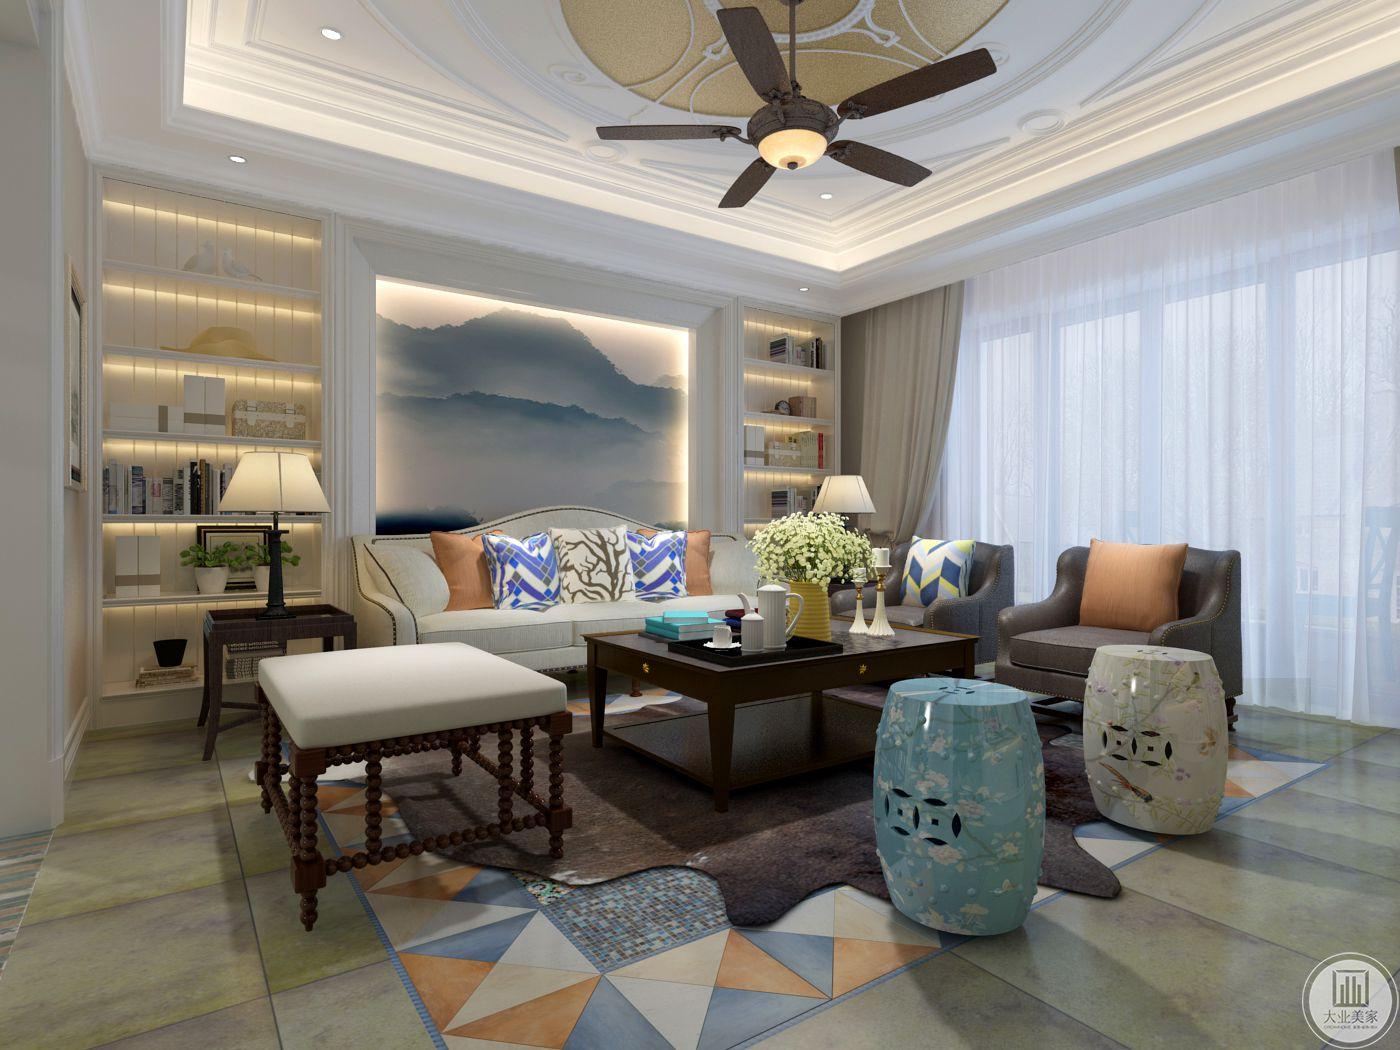 客厅空间沙发墙是浅蓝色的山水 ,两侧则做成收纳空间,放些书籍杂物。